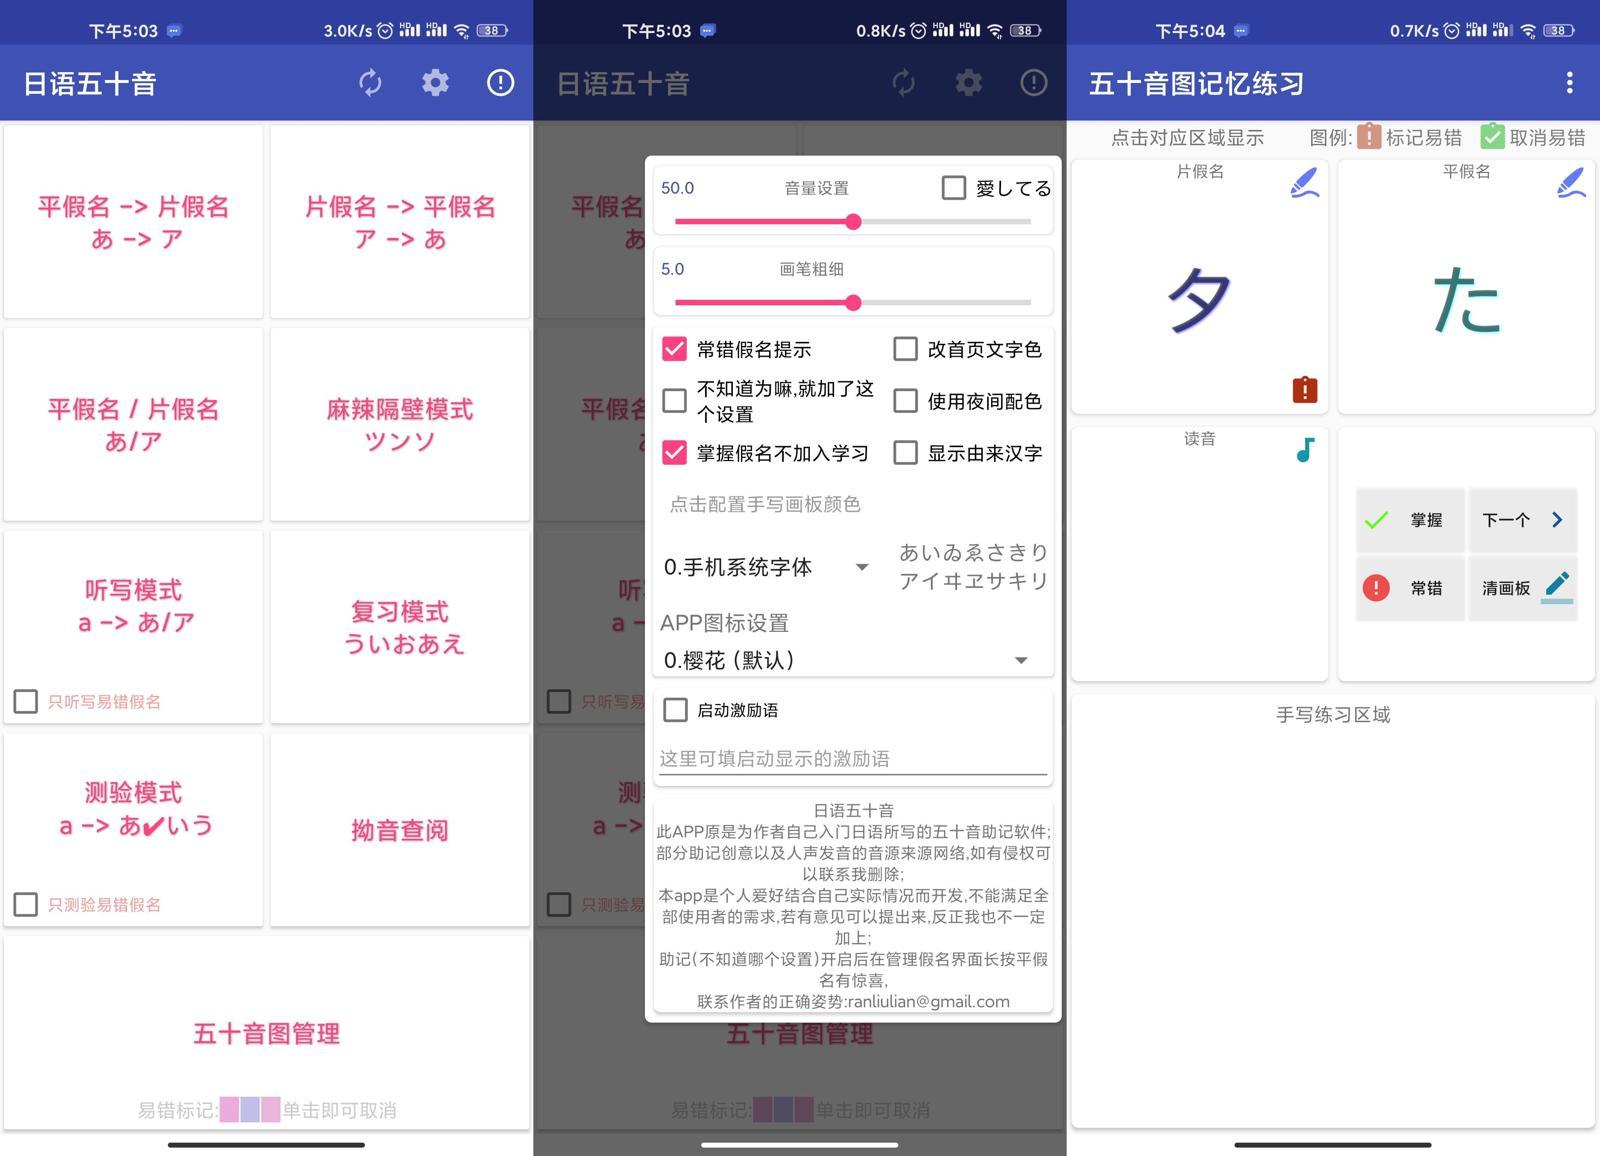 安卓日语五十音v3.0.2官方版